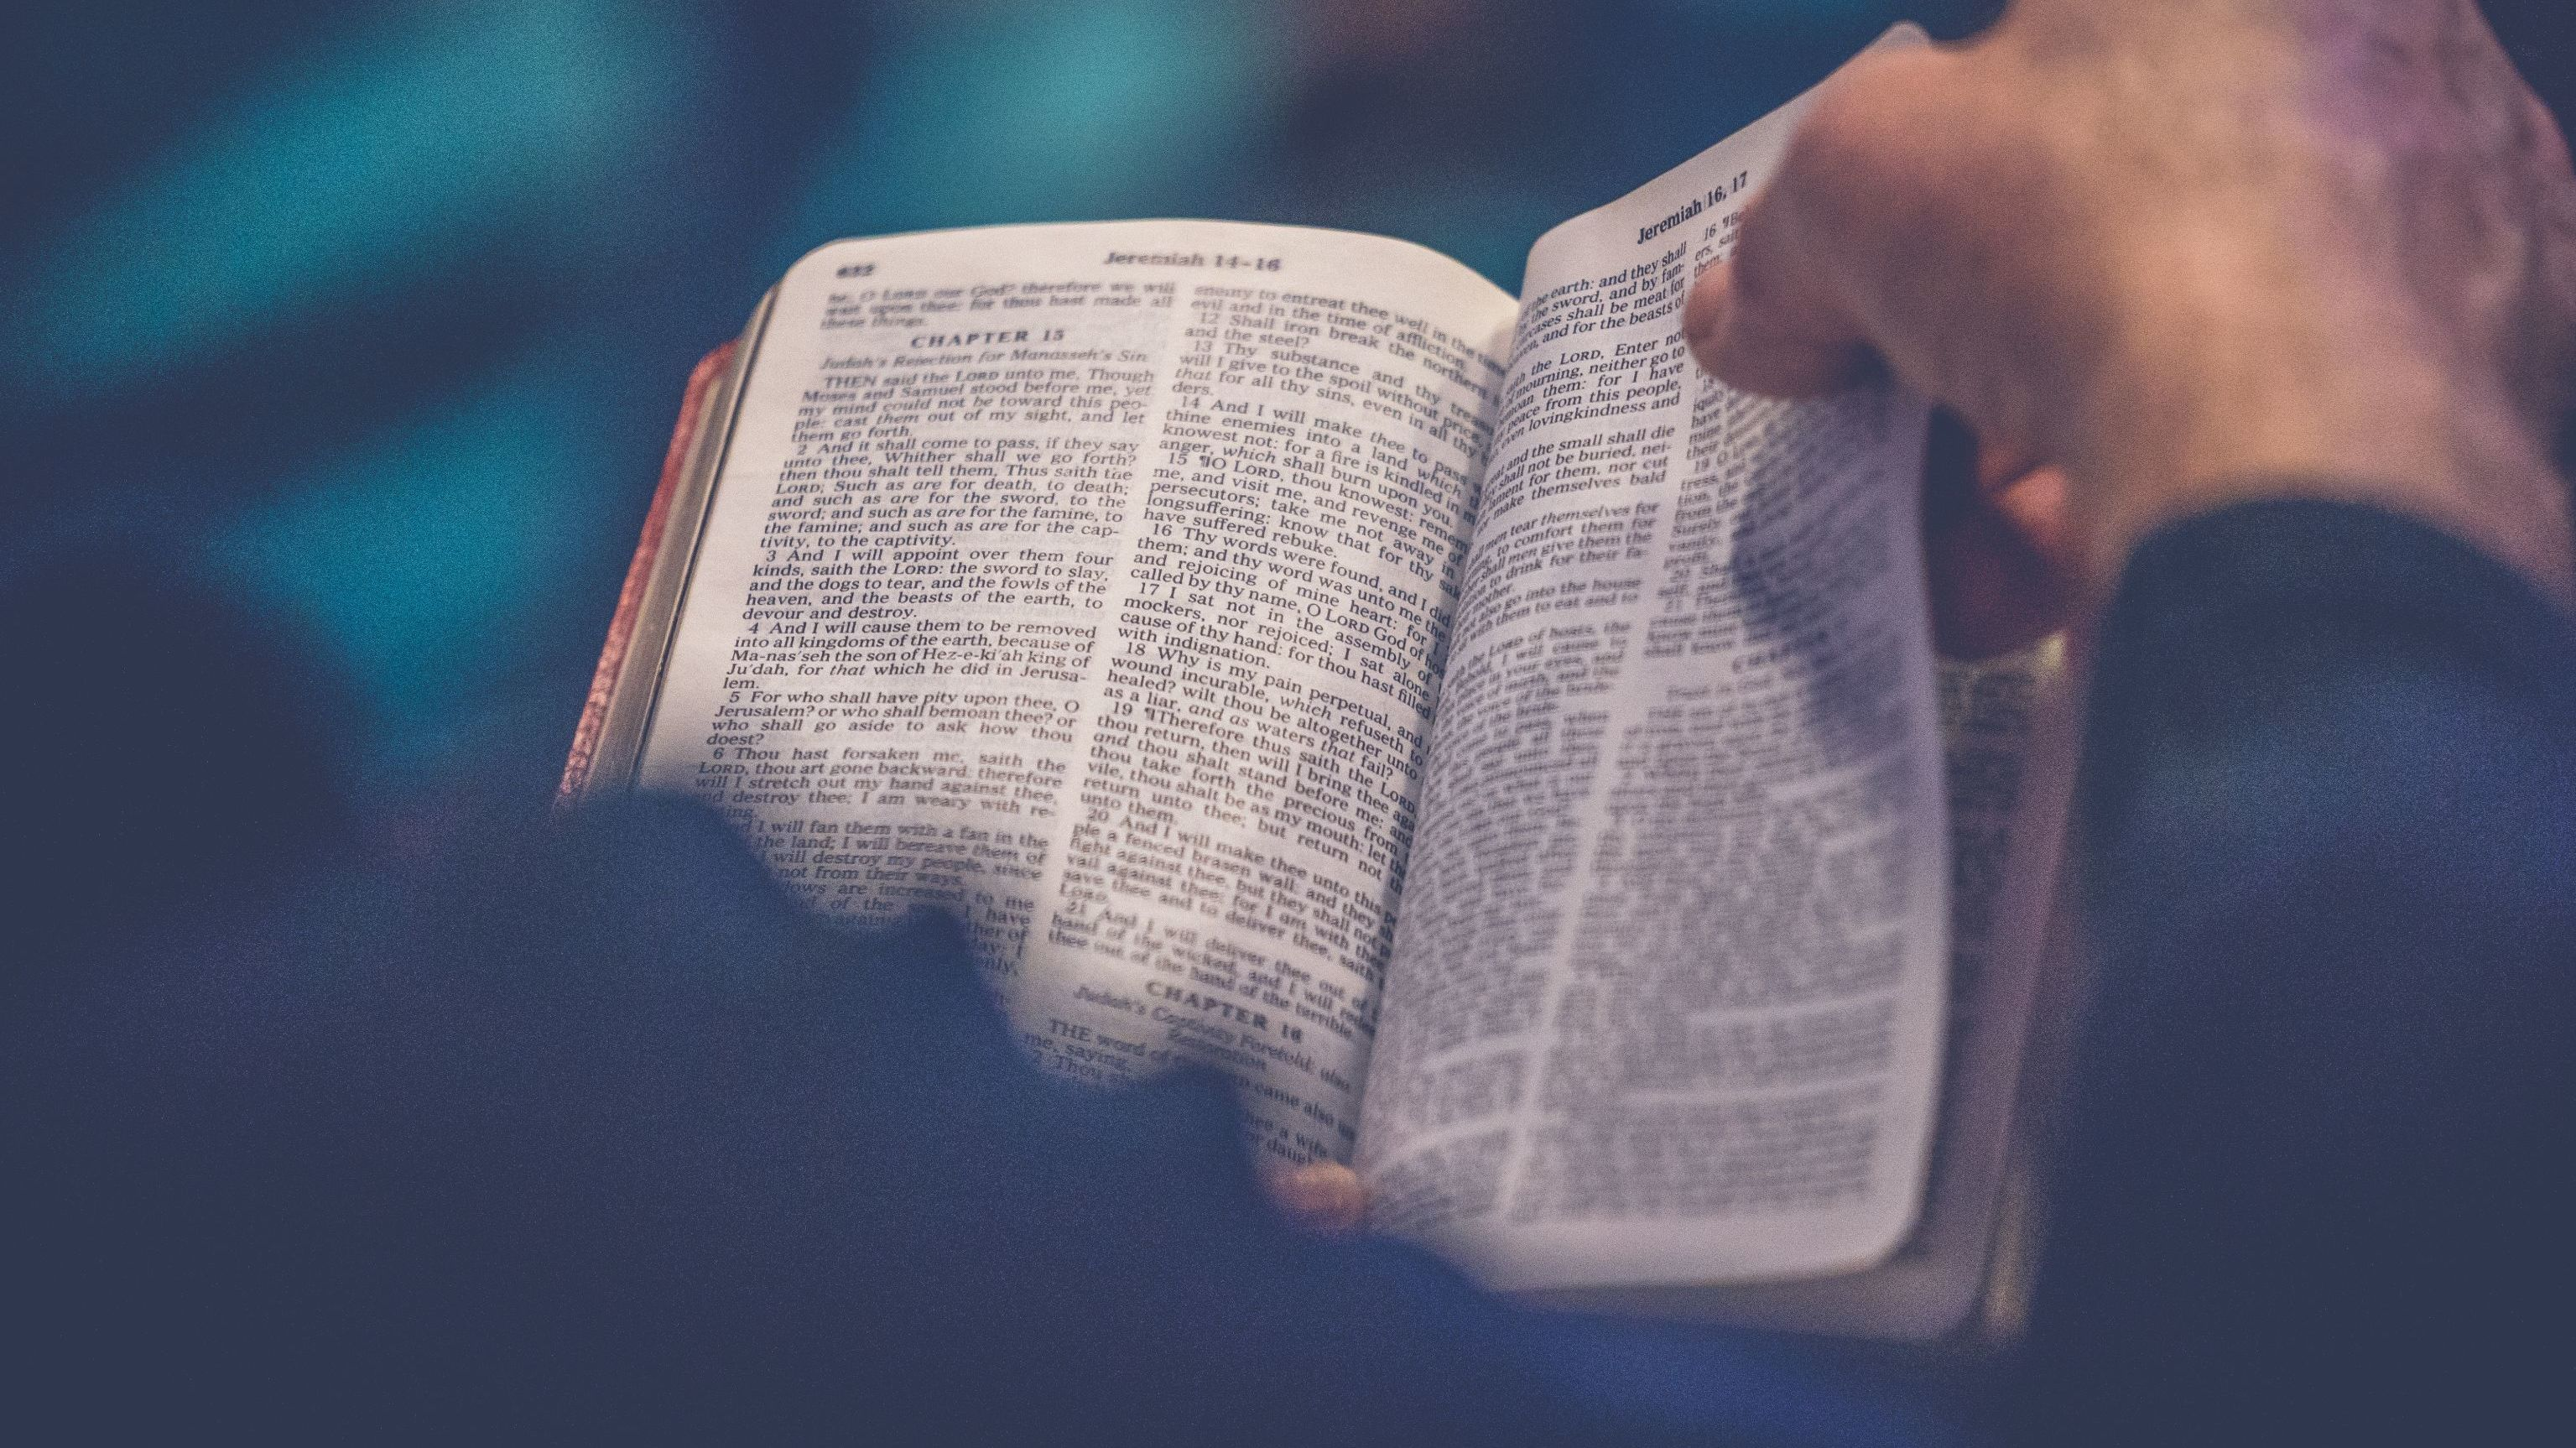 Los testigos de Jehová se consideran a sí mismos una restitución del cristianismo primitivo, creencia que se basa en su propia interpretación de la Biblia, conocida como la Traducción del Nuevo Mundo de las Santas Escrituras.